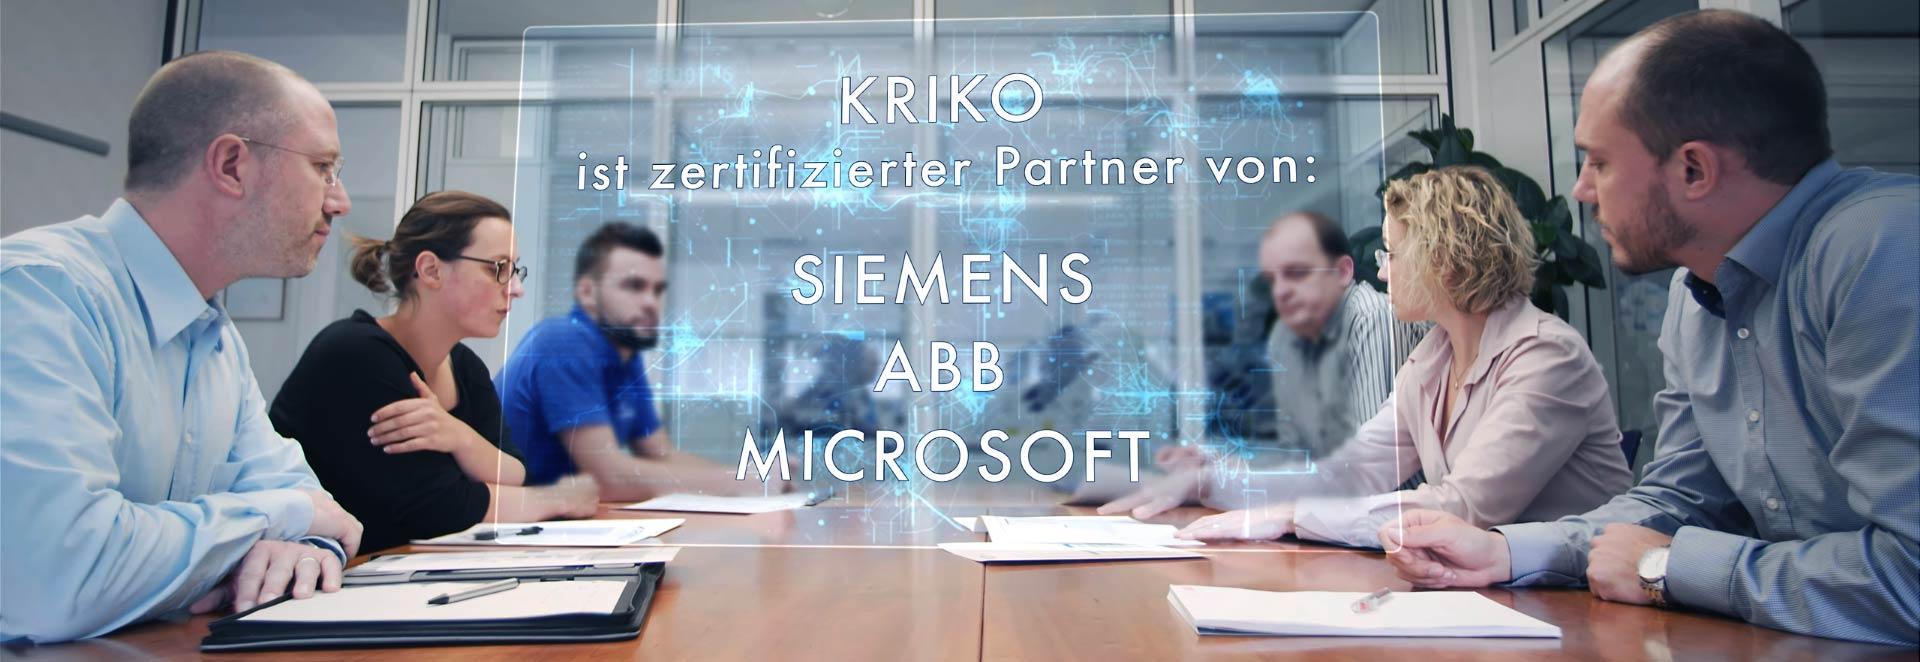 Kriko Partner